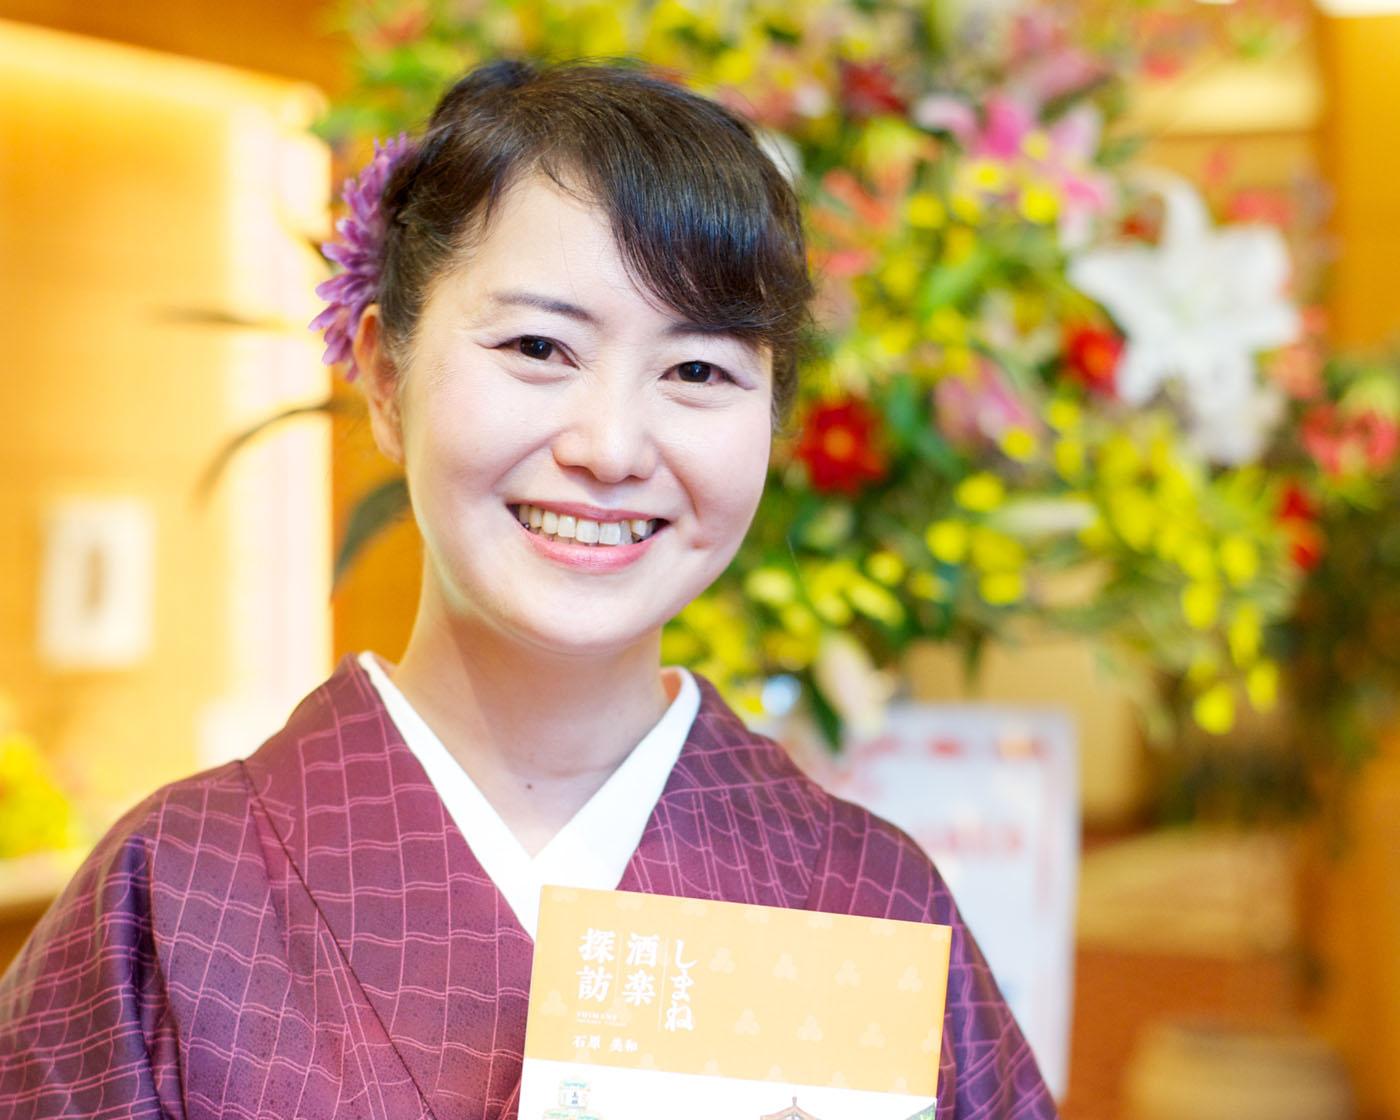 Miwa Ishihara